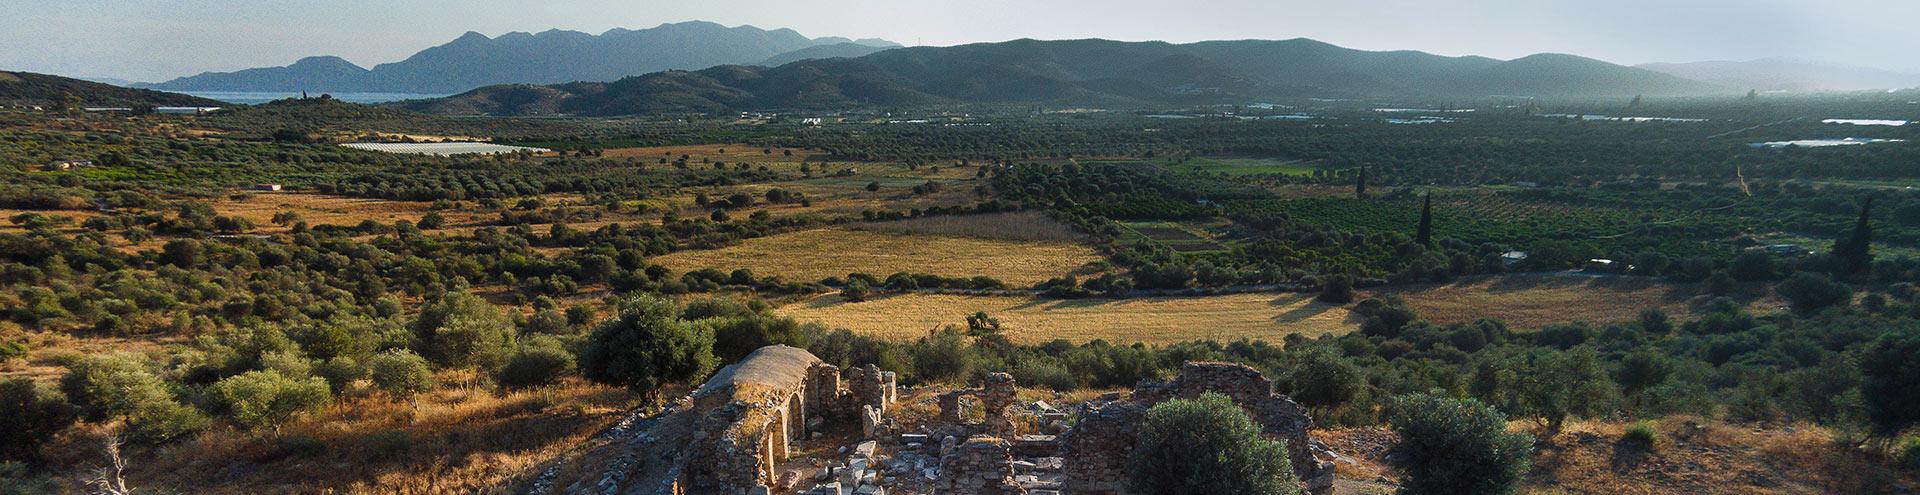 The ancient site of Troezen